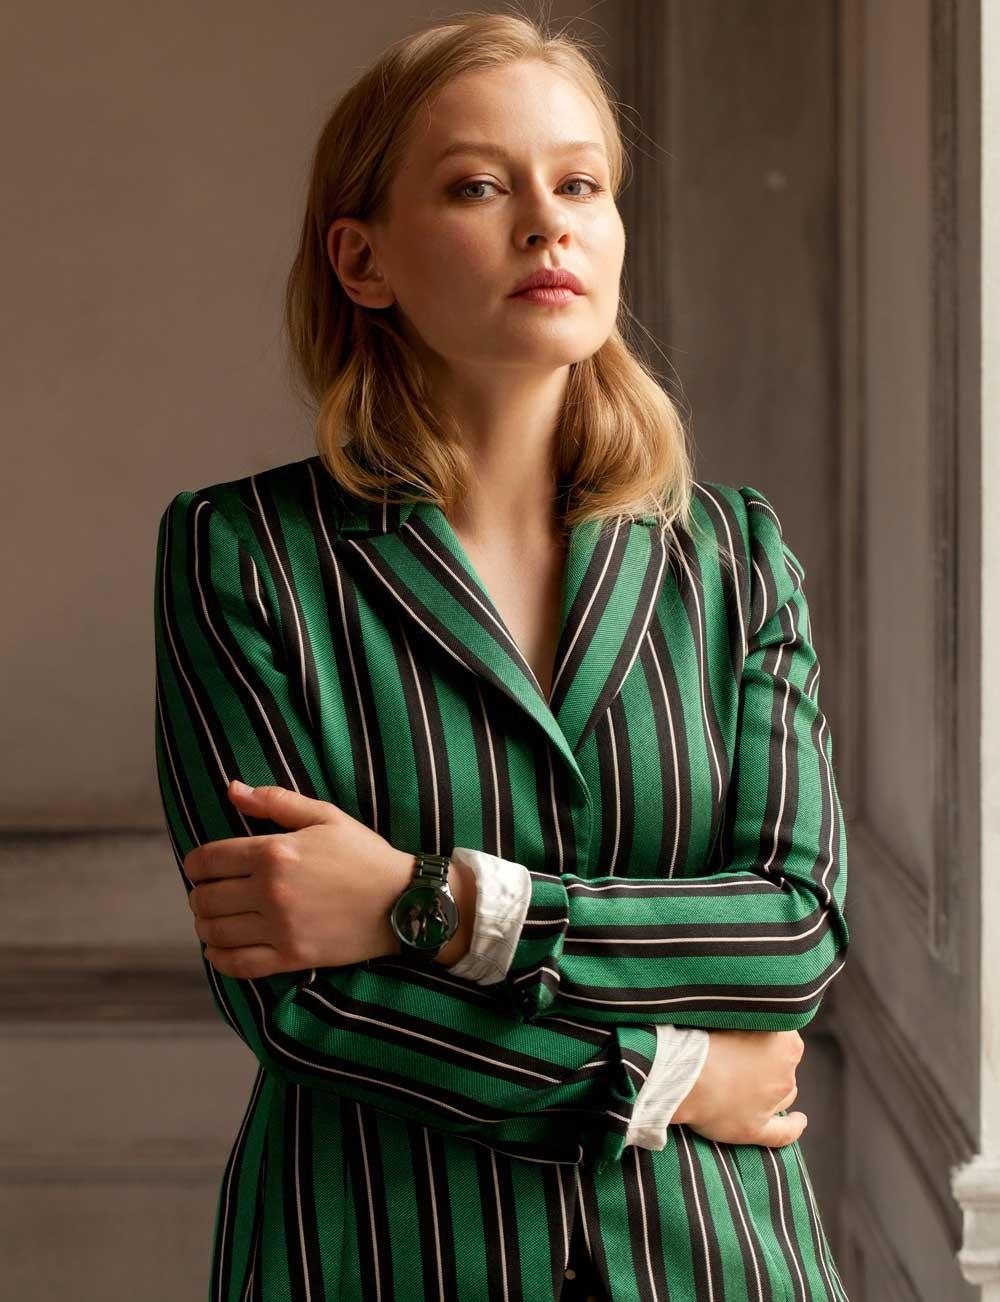 Юлия Пересильд: «В Москве меня любят больше, чем в родном городе»